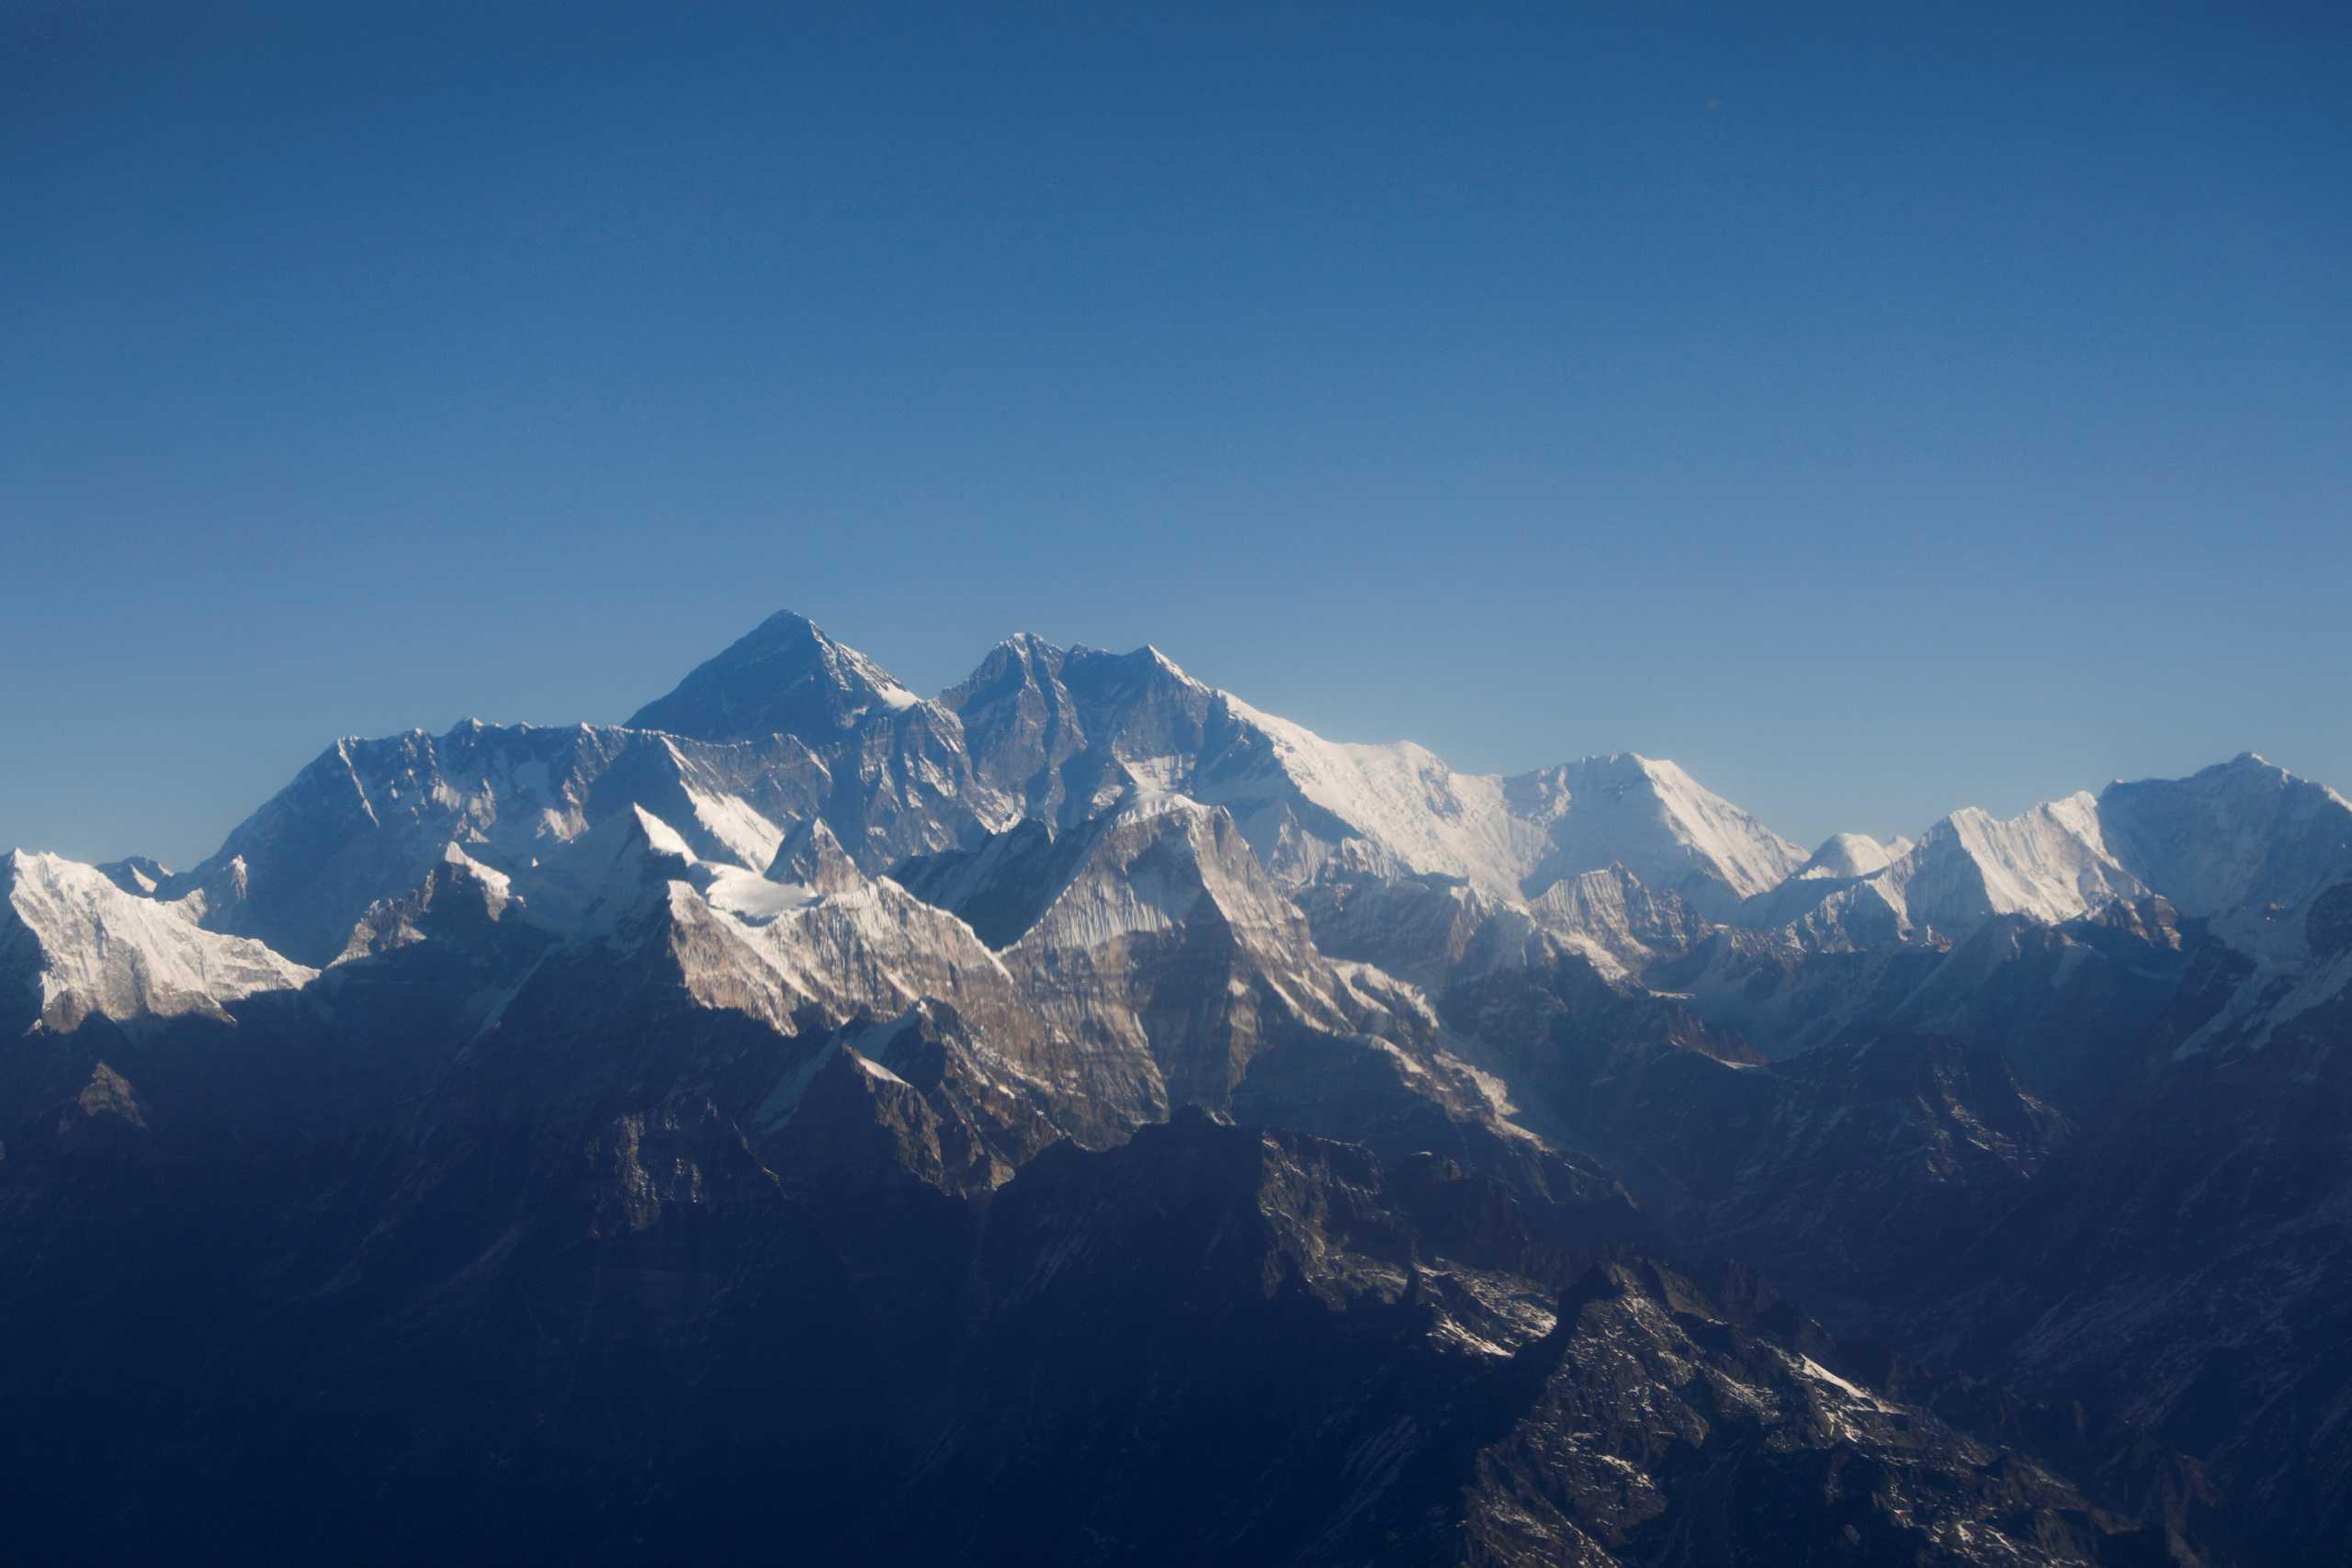 Στην κορυφή του Έβερεστ γι απρώτη φορά τυφλός Ασιάτης ορειβάτης